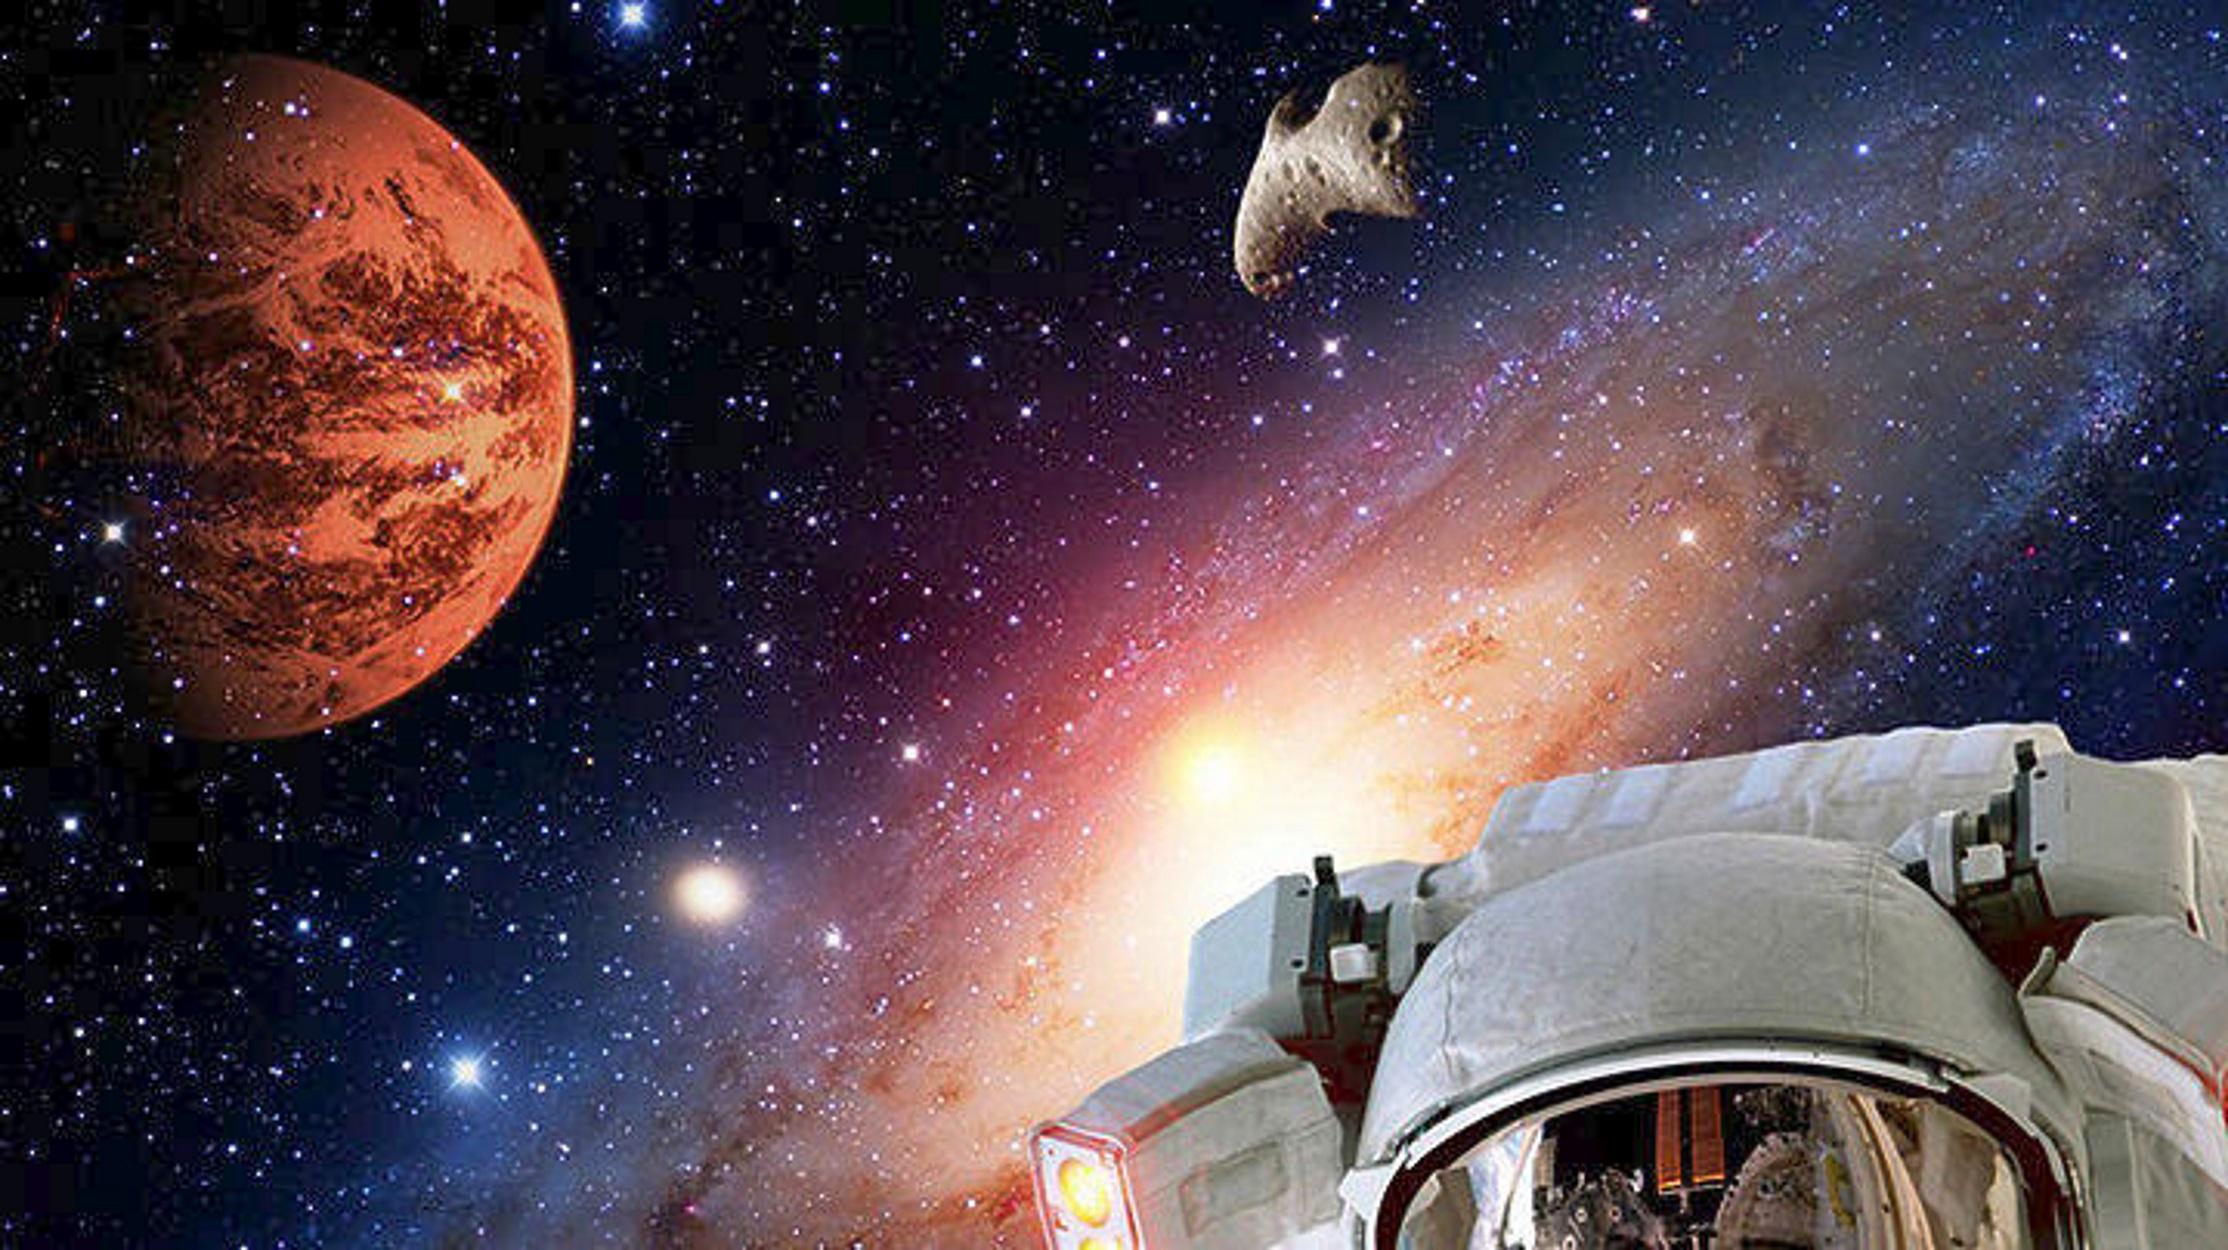 ΕΕ: Πράσινο φως για την κατασκευή  διαστημικού τηλεσκοπίου για εξωπλανήτες